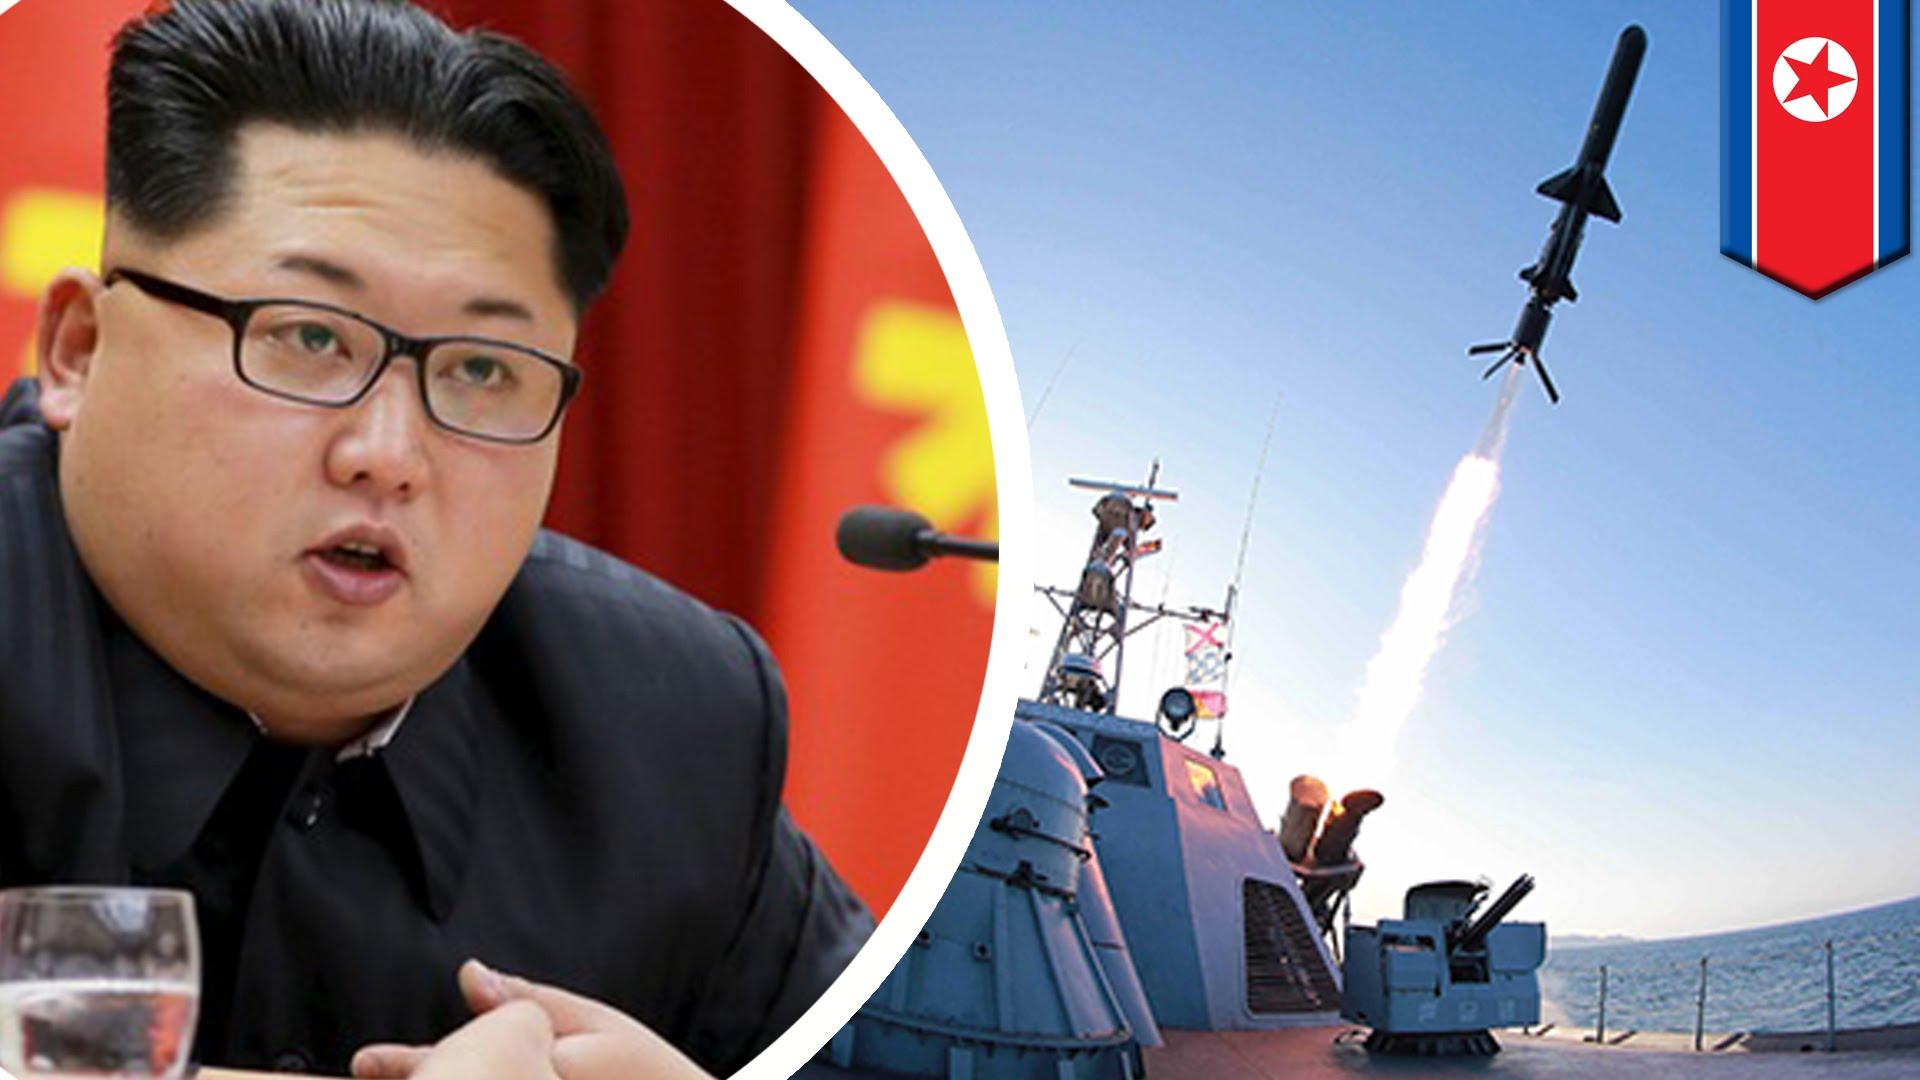 شمالی کوریا کا میزائل تجربہ جاپان کی سلامتی کے لئے خطرہ